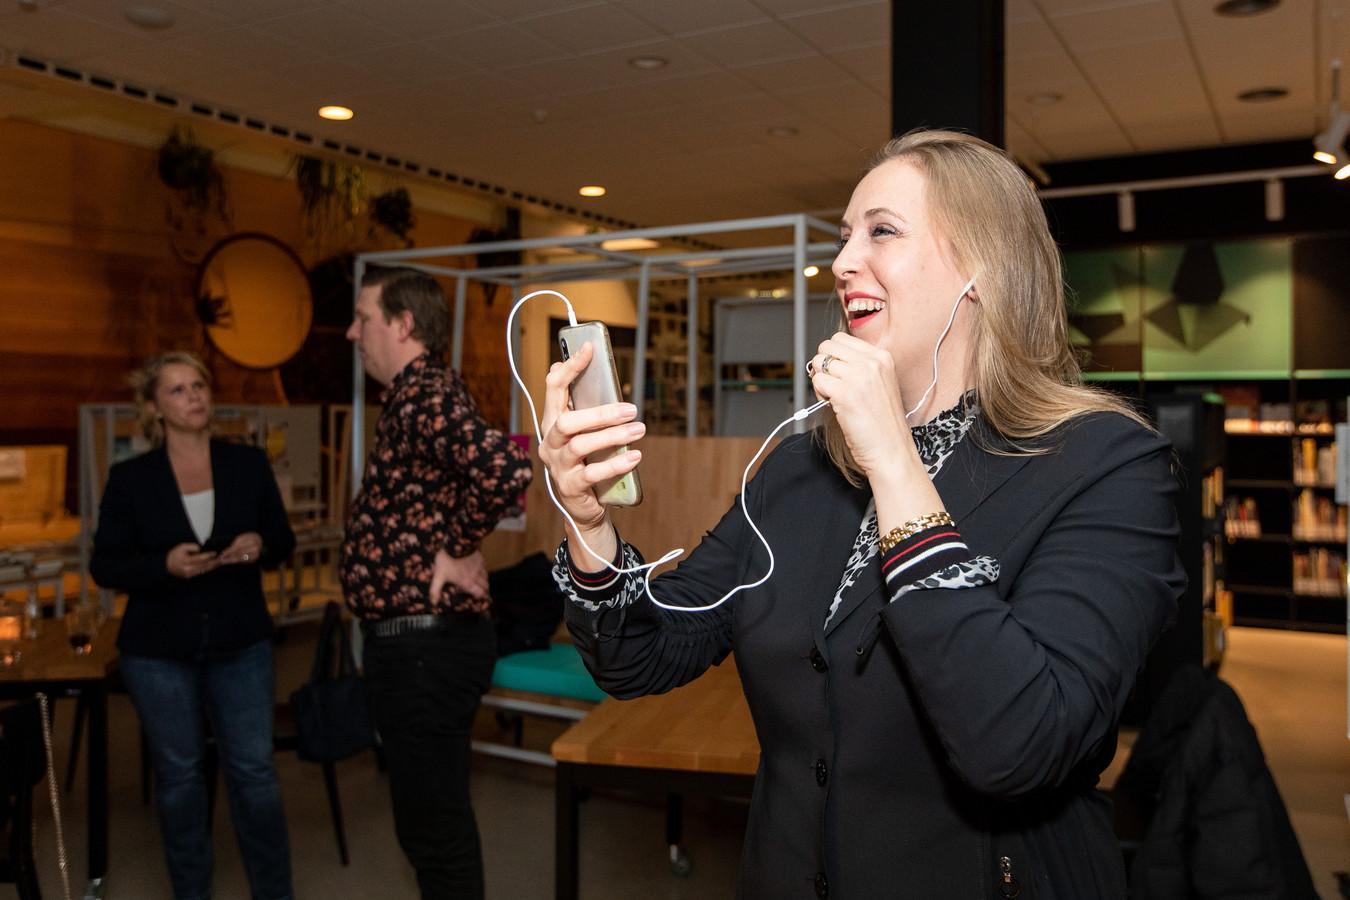 Anne Cristien Spekle viert in een videoverbinding met haar achterban de zes zetels. De volgende dag baalt ze: 1 van de 6 moet de VVD inleveren door toedoen van een 'schrijffout' op het stembureau in Haaren.